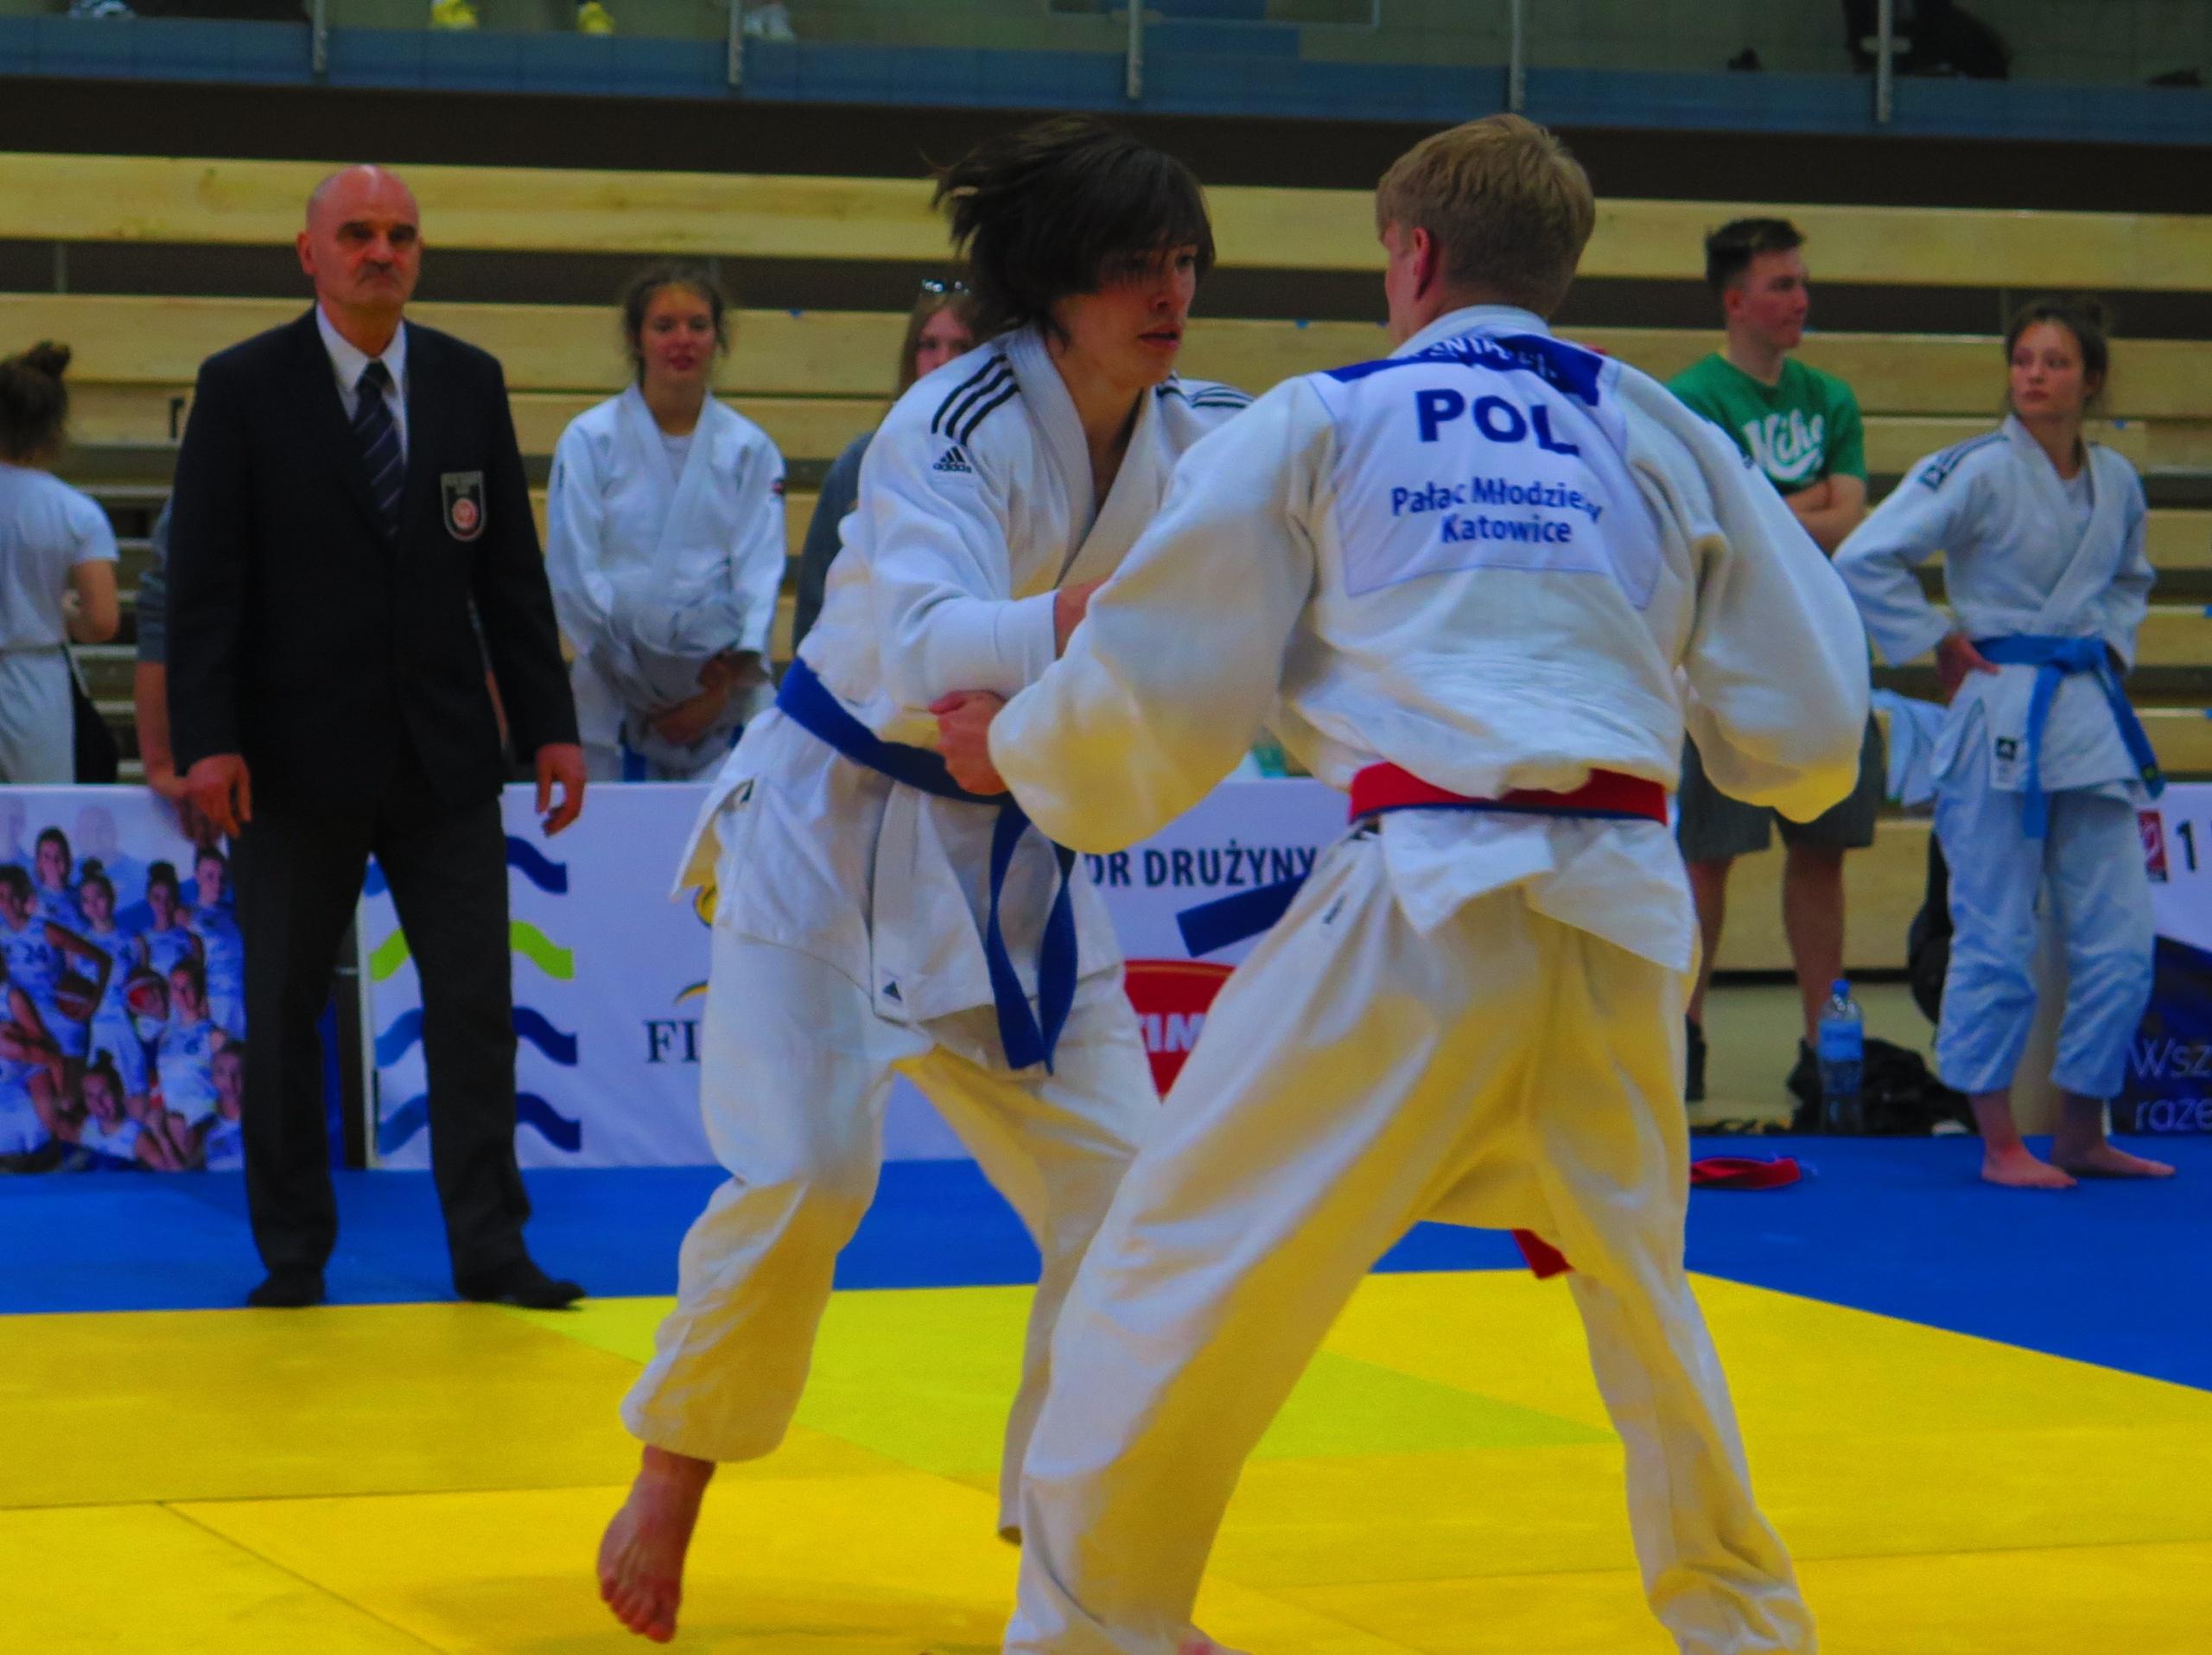 II Eliminacje do Ogólnopolskiej Olimpiady Młodzieży w Judo, Bochnia 23.05.2021 – relacja